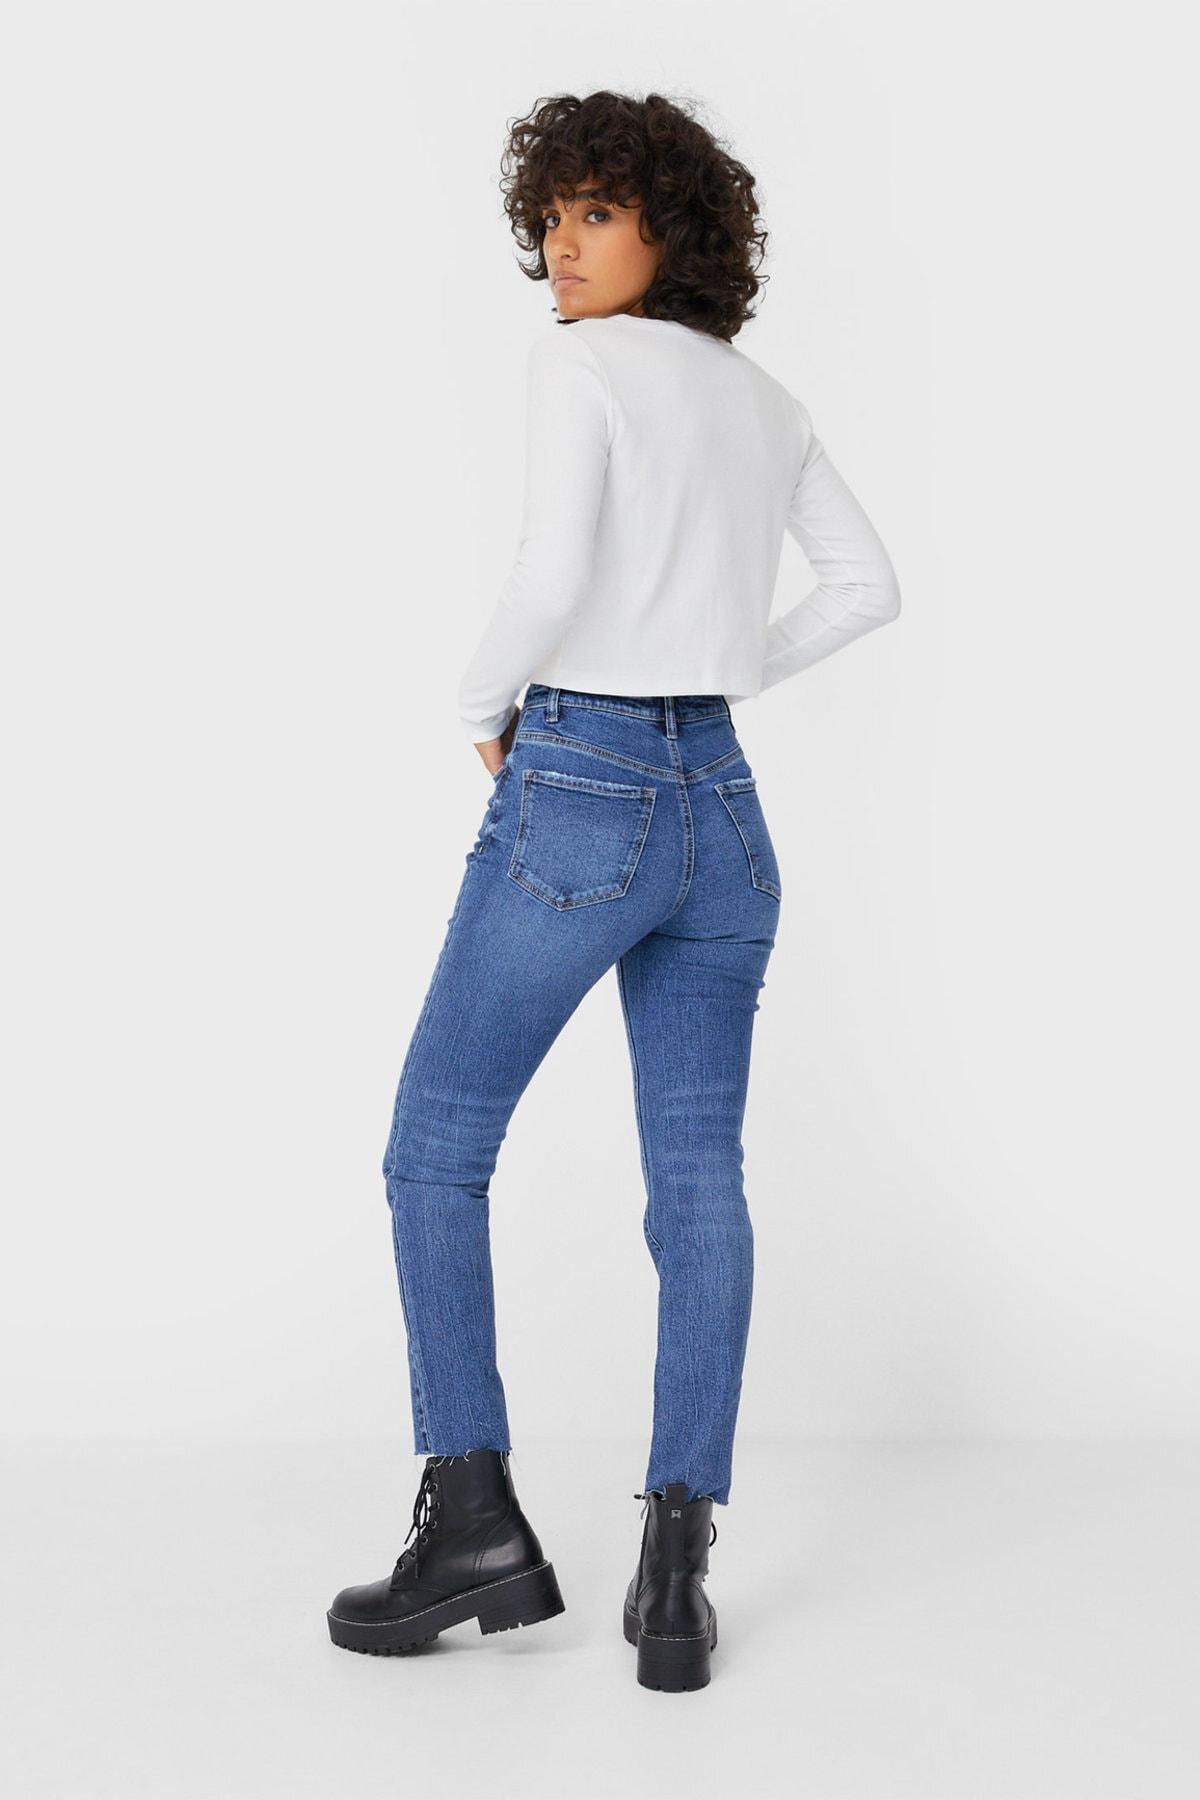 Stradivarius Kadın Açık Mavi Yüksek Bel Slim Fit Jean 08479214 2